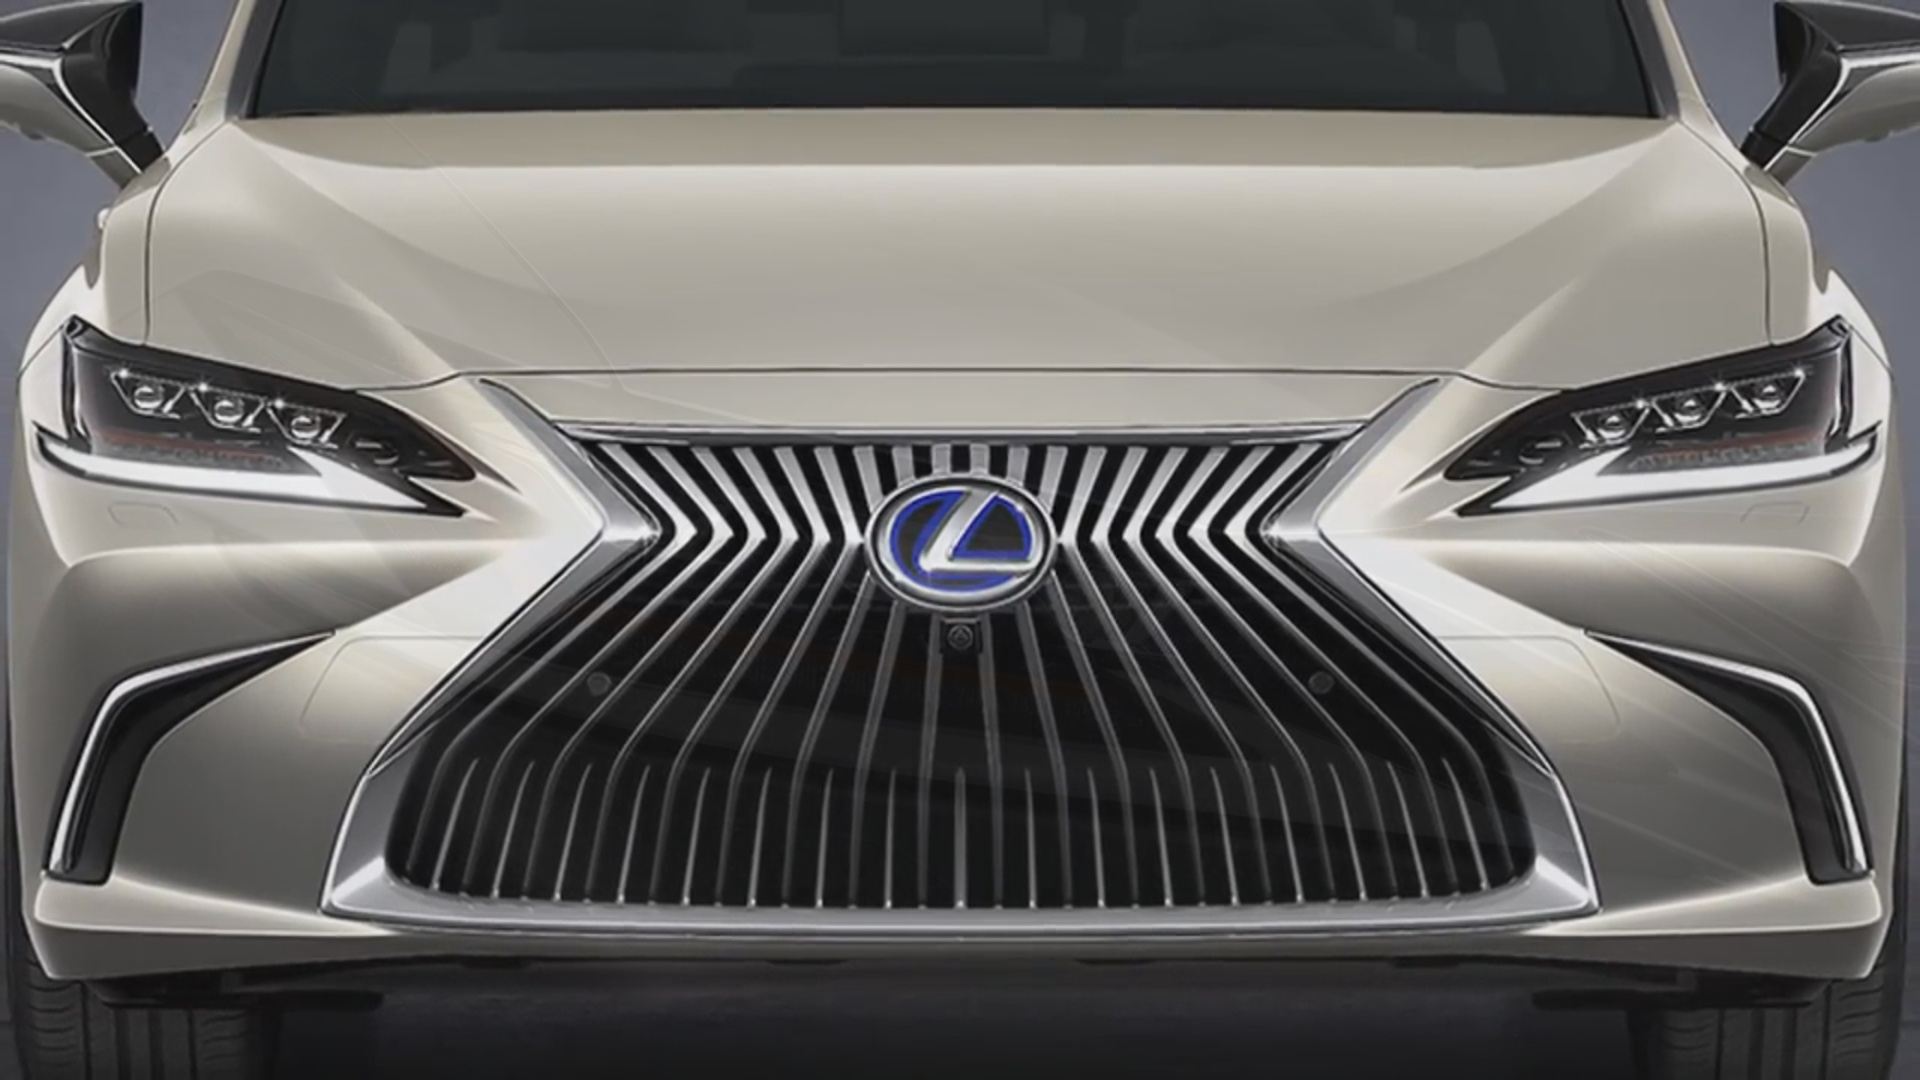 Dizayn fərqliliyi ilə seçilən Lexus ES gəlir